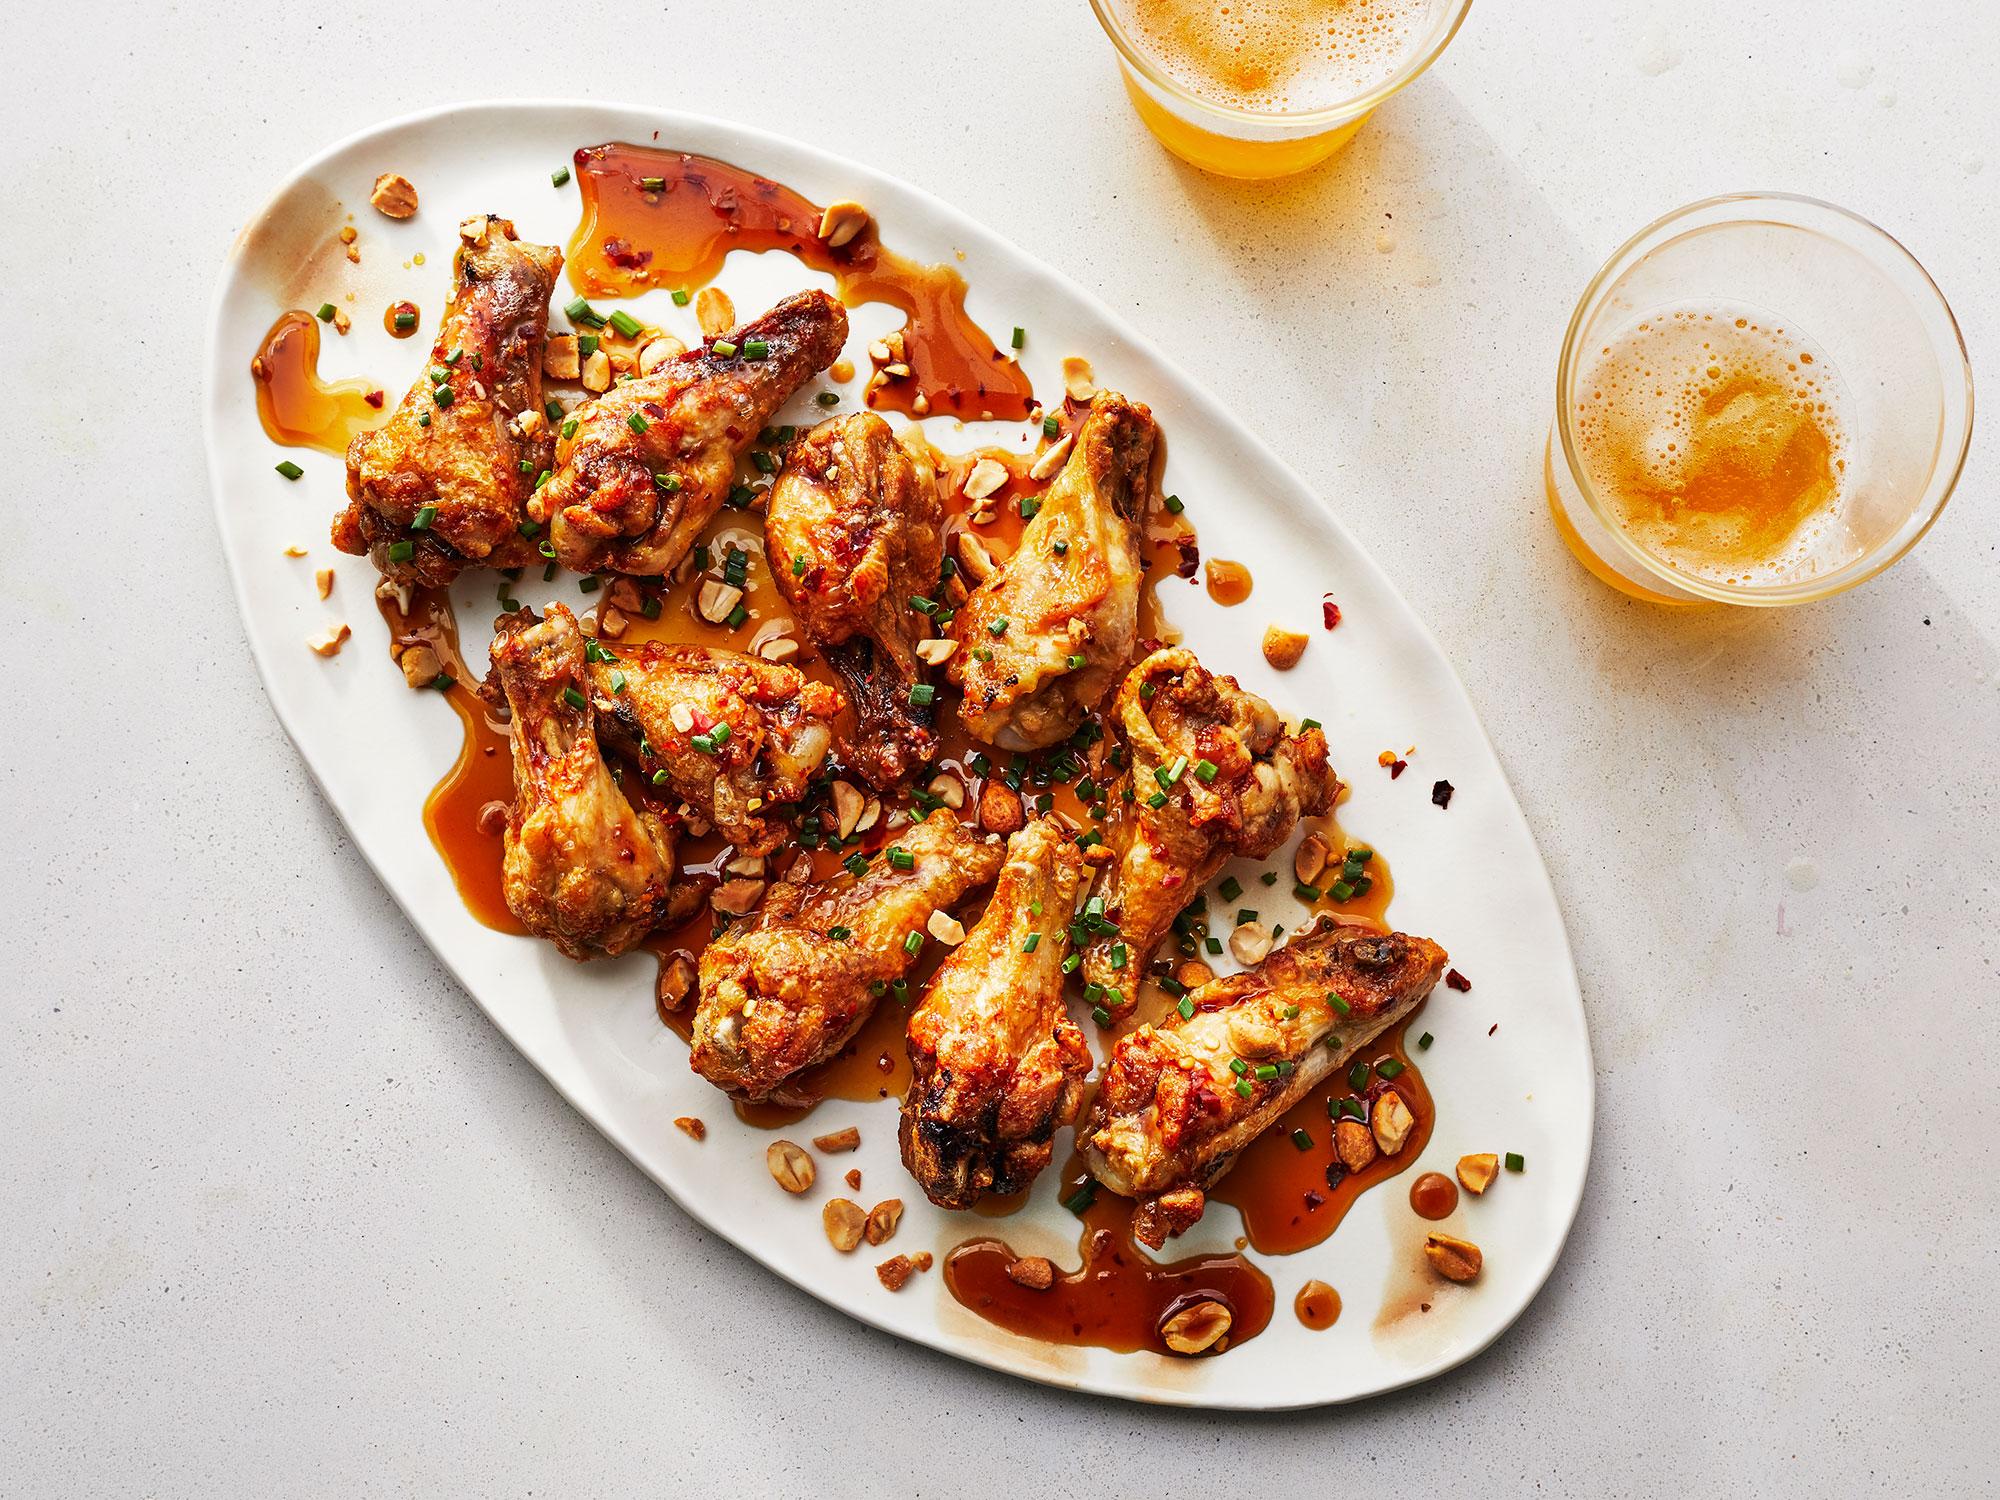 Spicy Air-Fried Chicken Drummettes